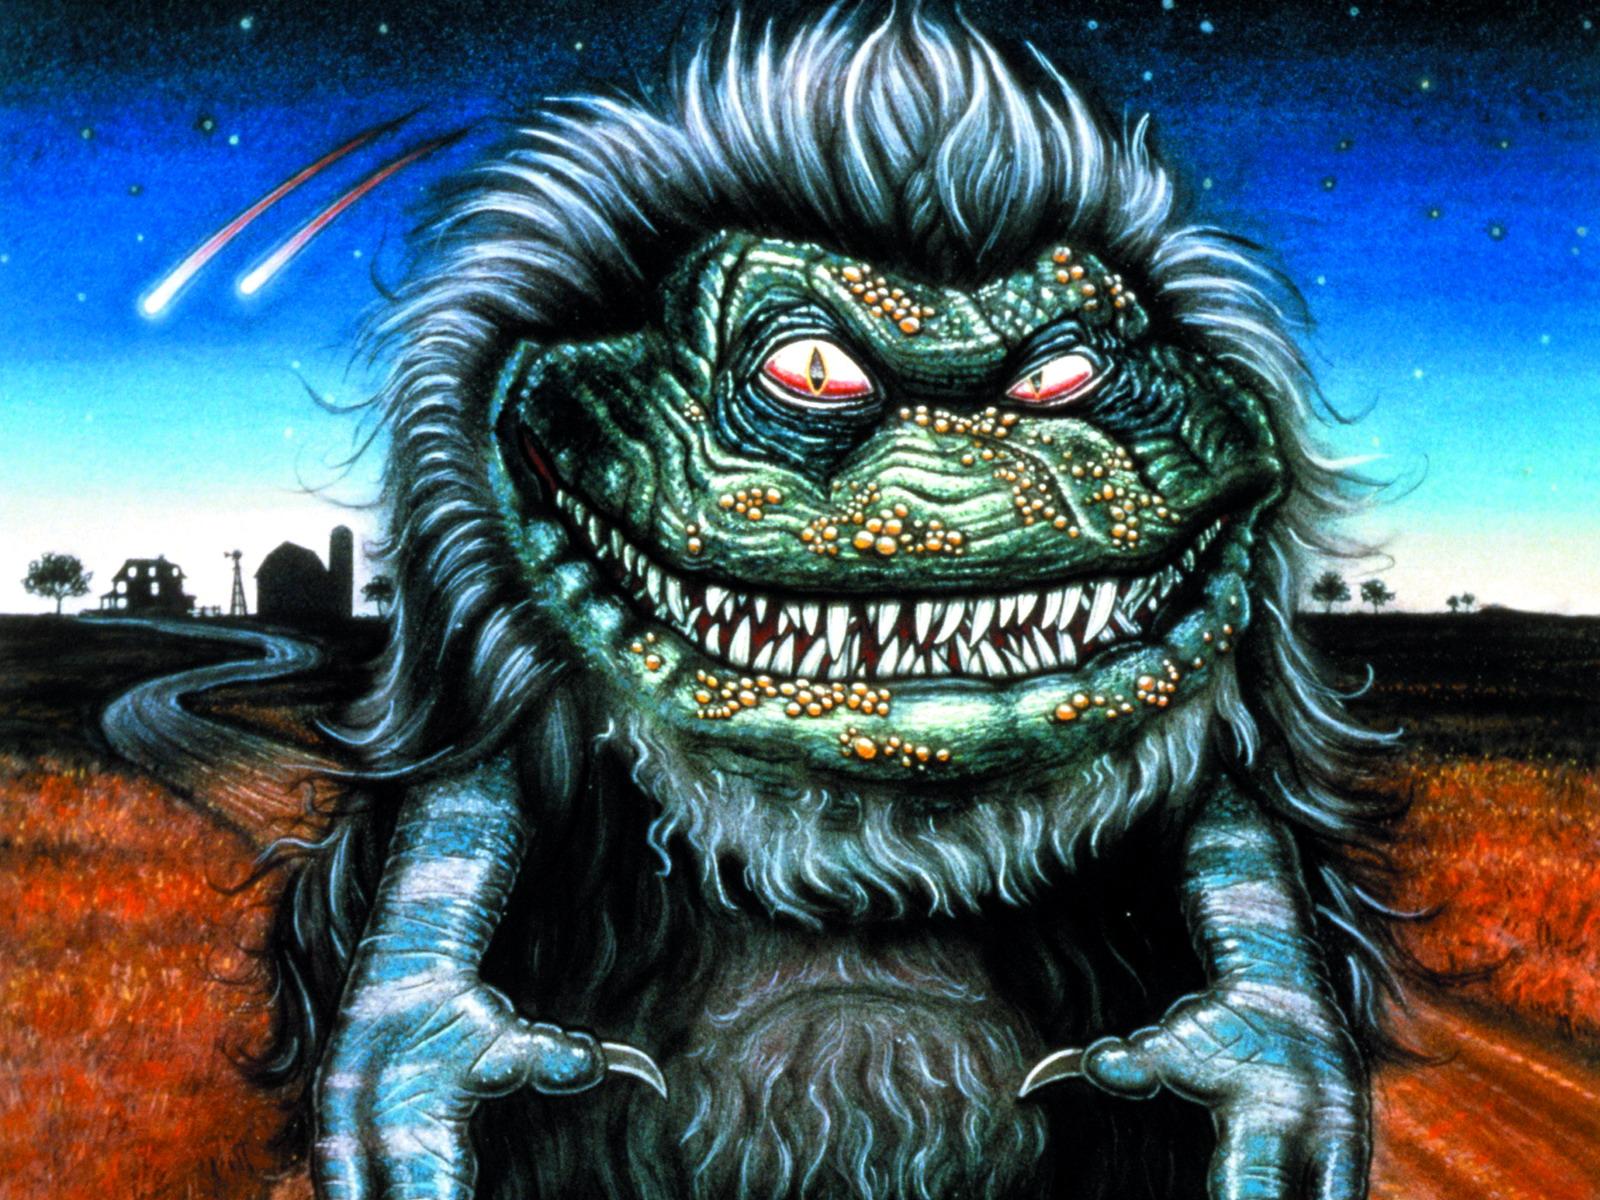 все картинки про чудовище домашний уют, характерный